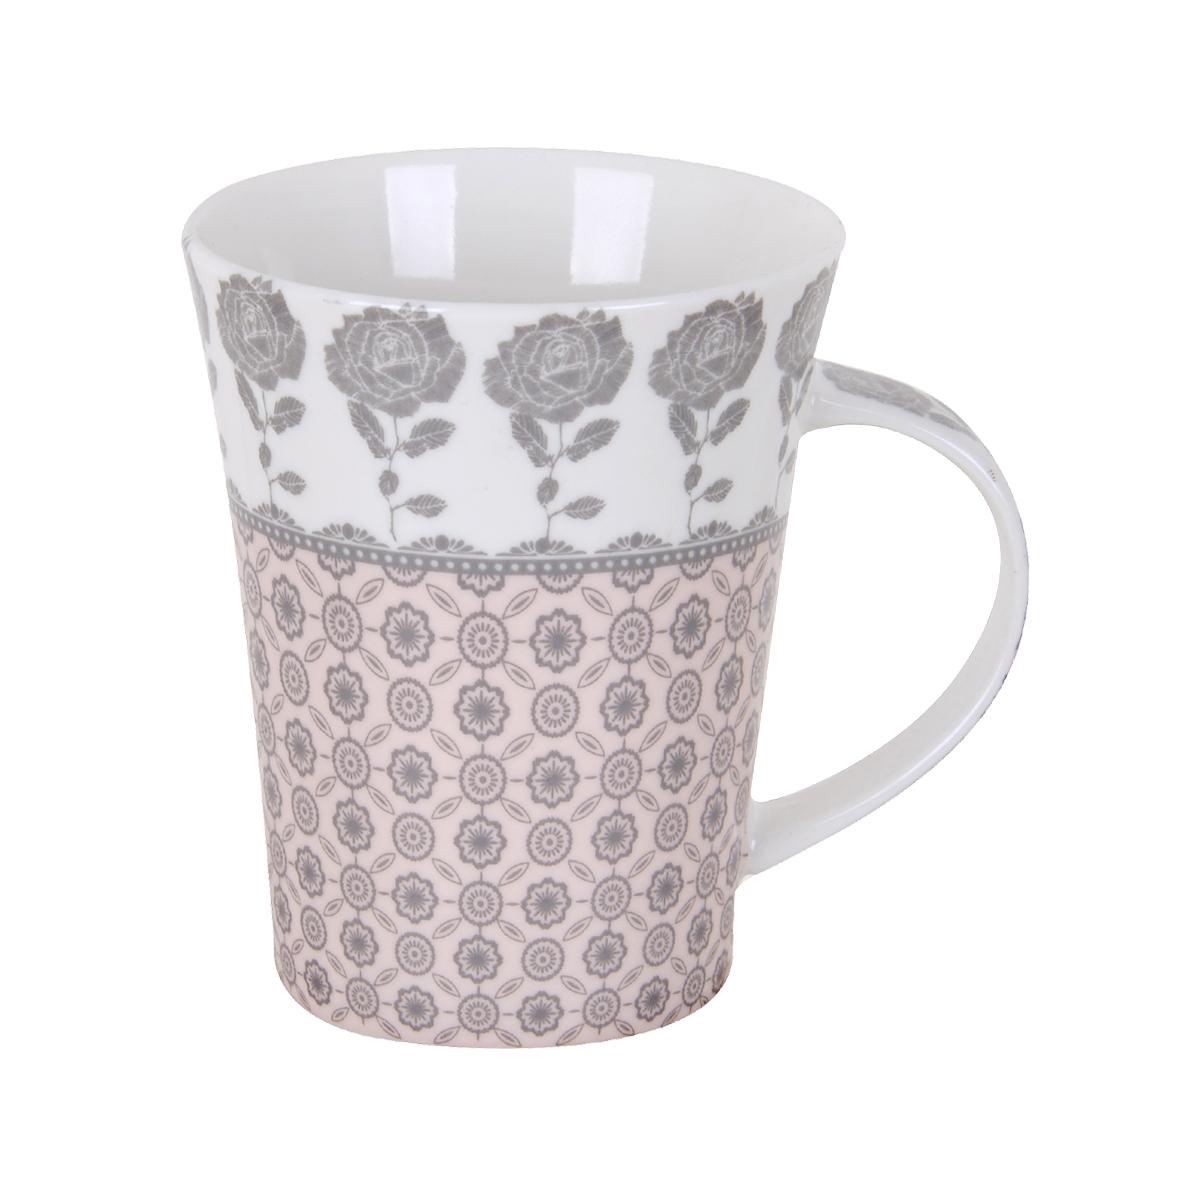 كوب سيراميك قهوة , شاي , حليب ,مزخرف بنقش الوان متعددة